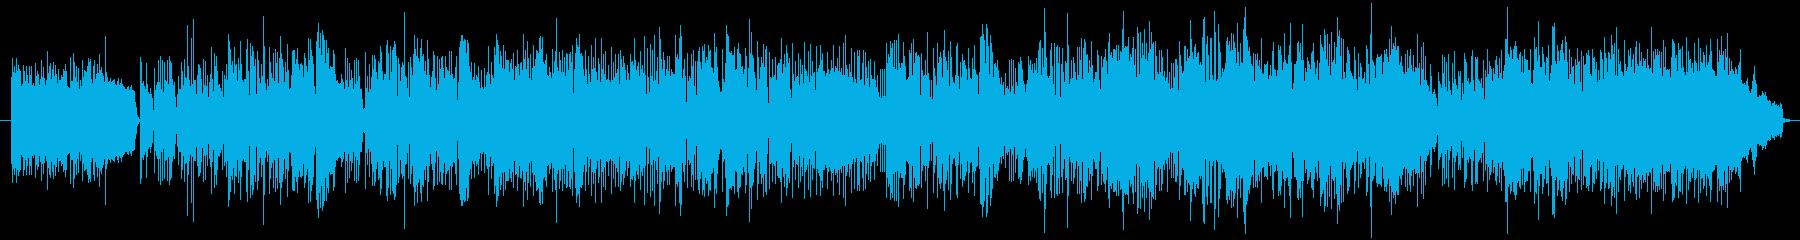 民族調で、ファンタジー的な要素を含んだ…の再生済みの波形